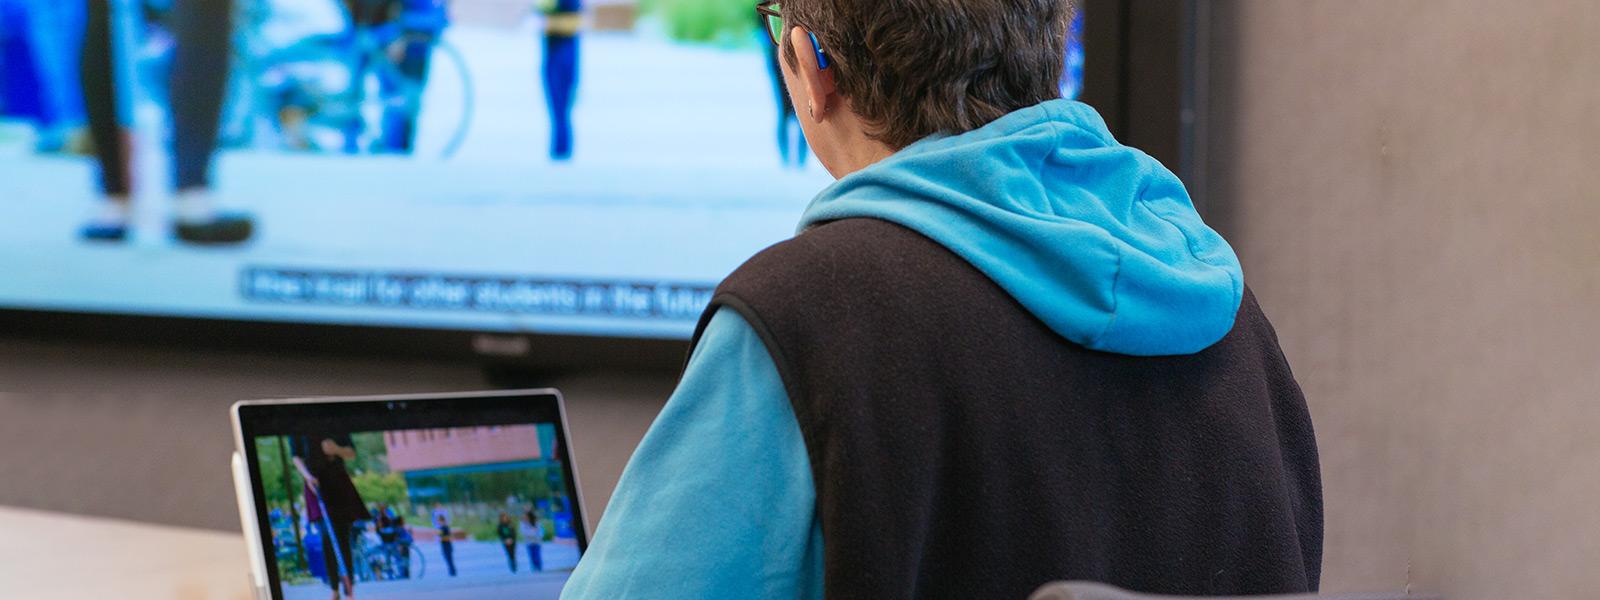 Kuulolaitetta käyttävä nainen katsoo videoesitystä, jossa on tekstitys